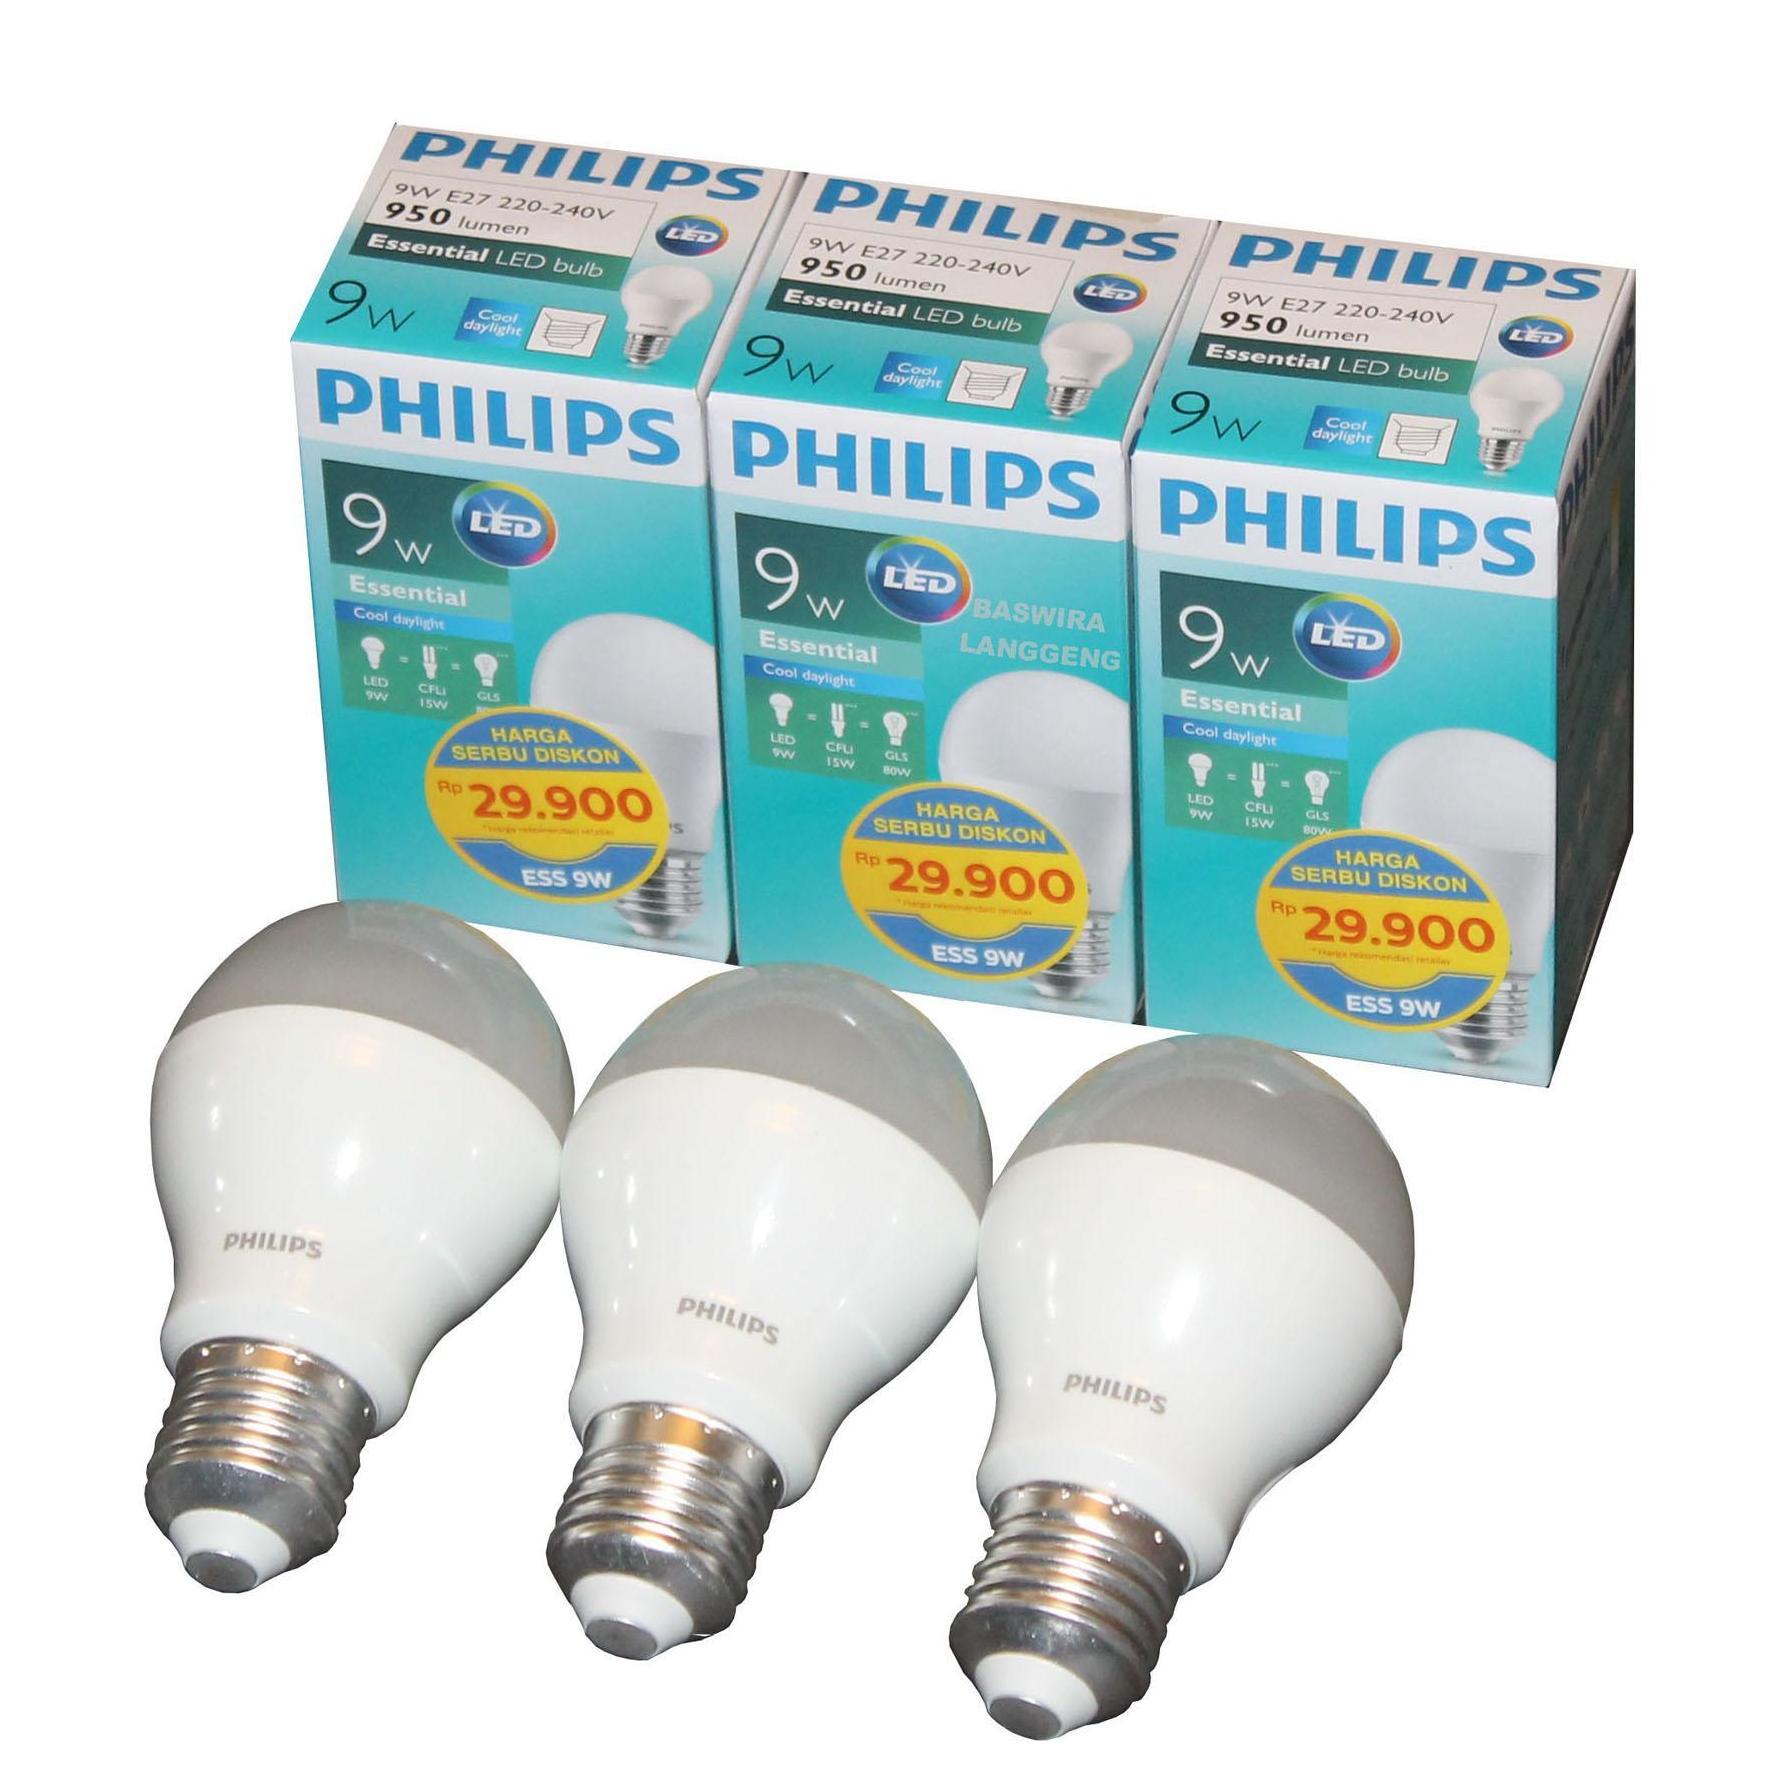 List Harga Lampu Led Philips Paket November 2018 Terupdate 13 Watt Isi 4 Bulb Essential 9 Wat W 9watt 9w 3 Pcs